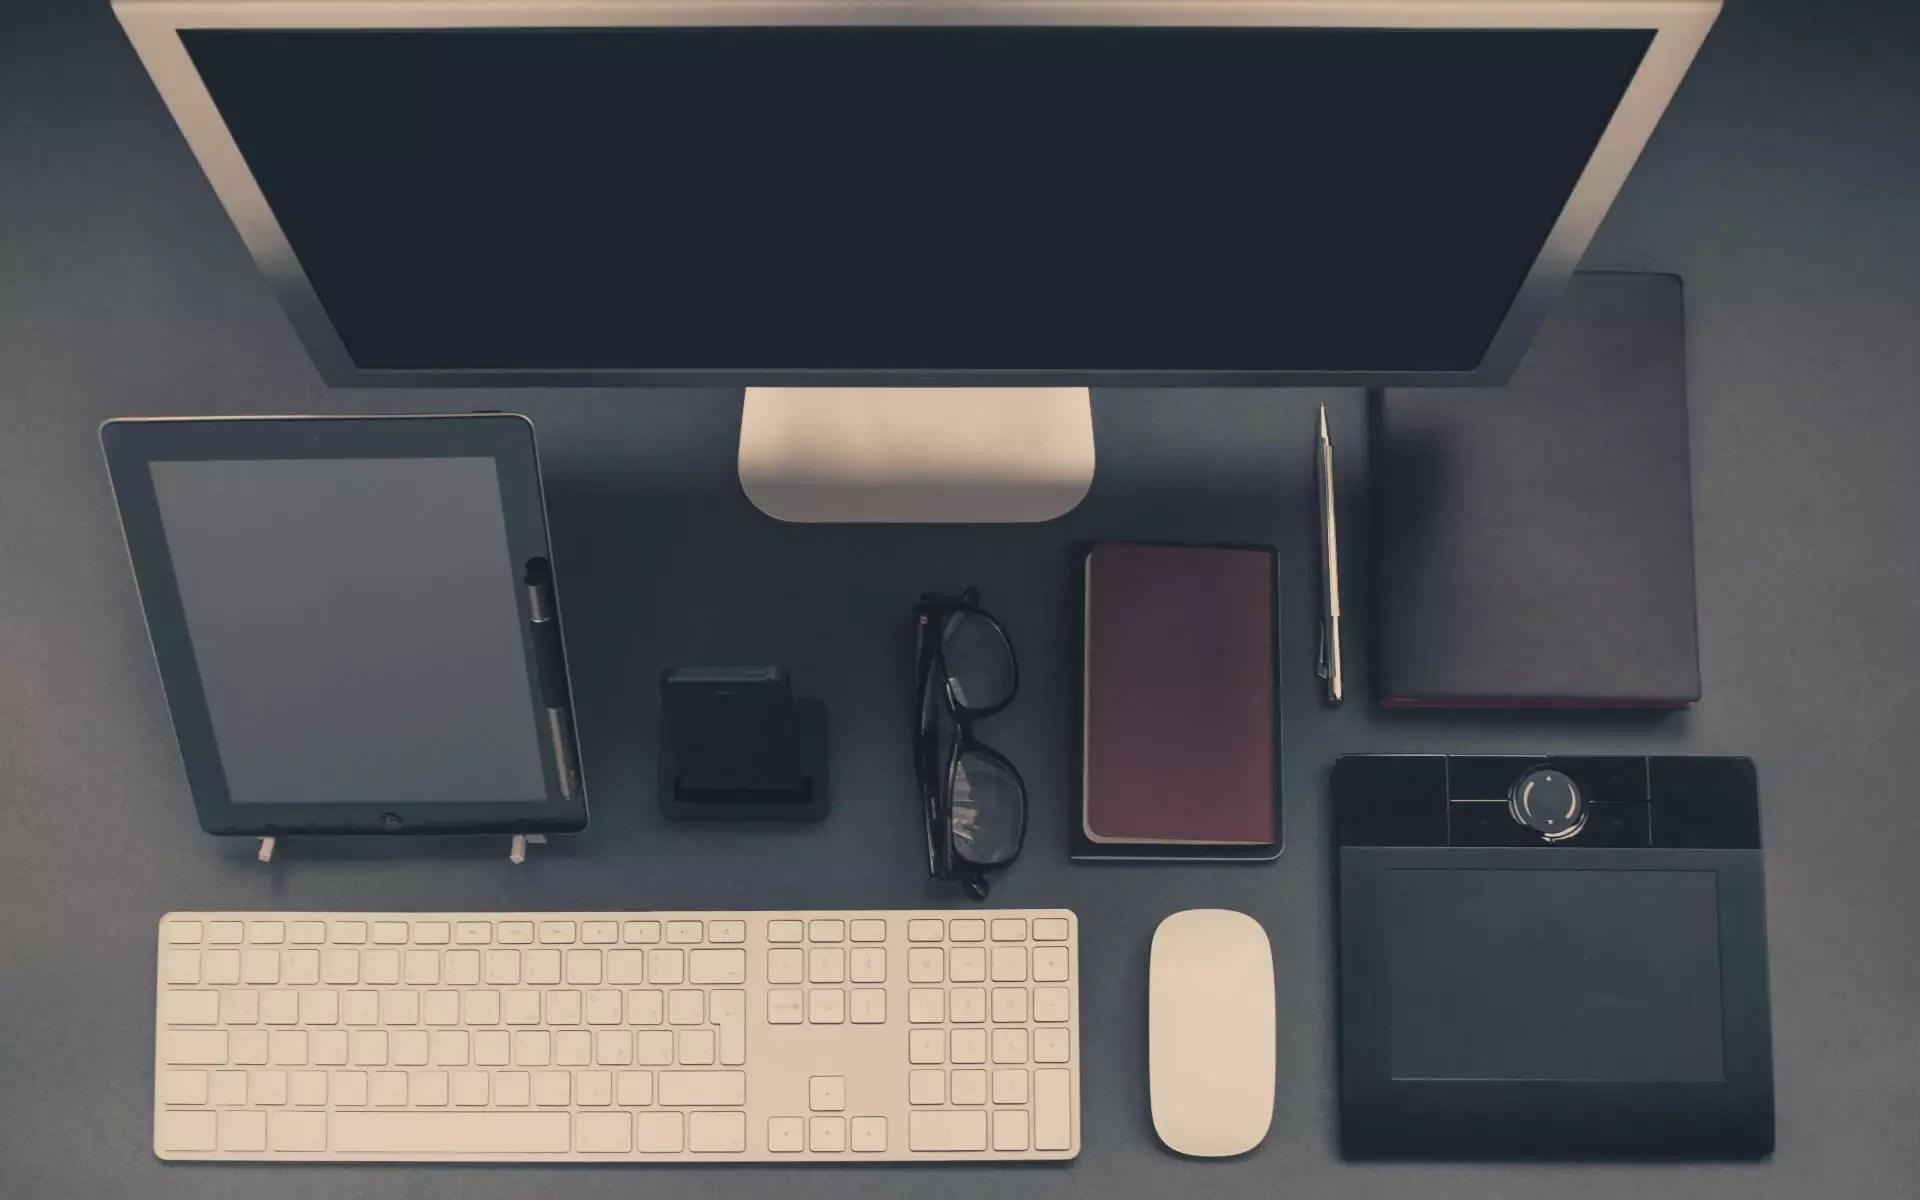 objetos utilizados design projeto designer trabalho investimento crescimento escritório marca empresa